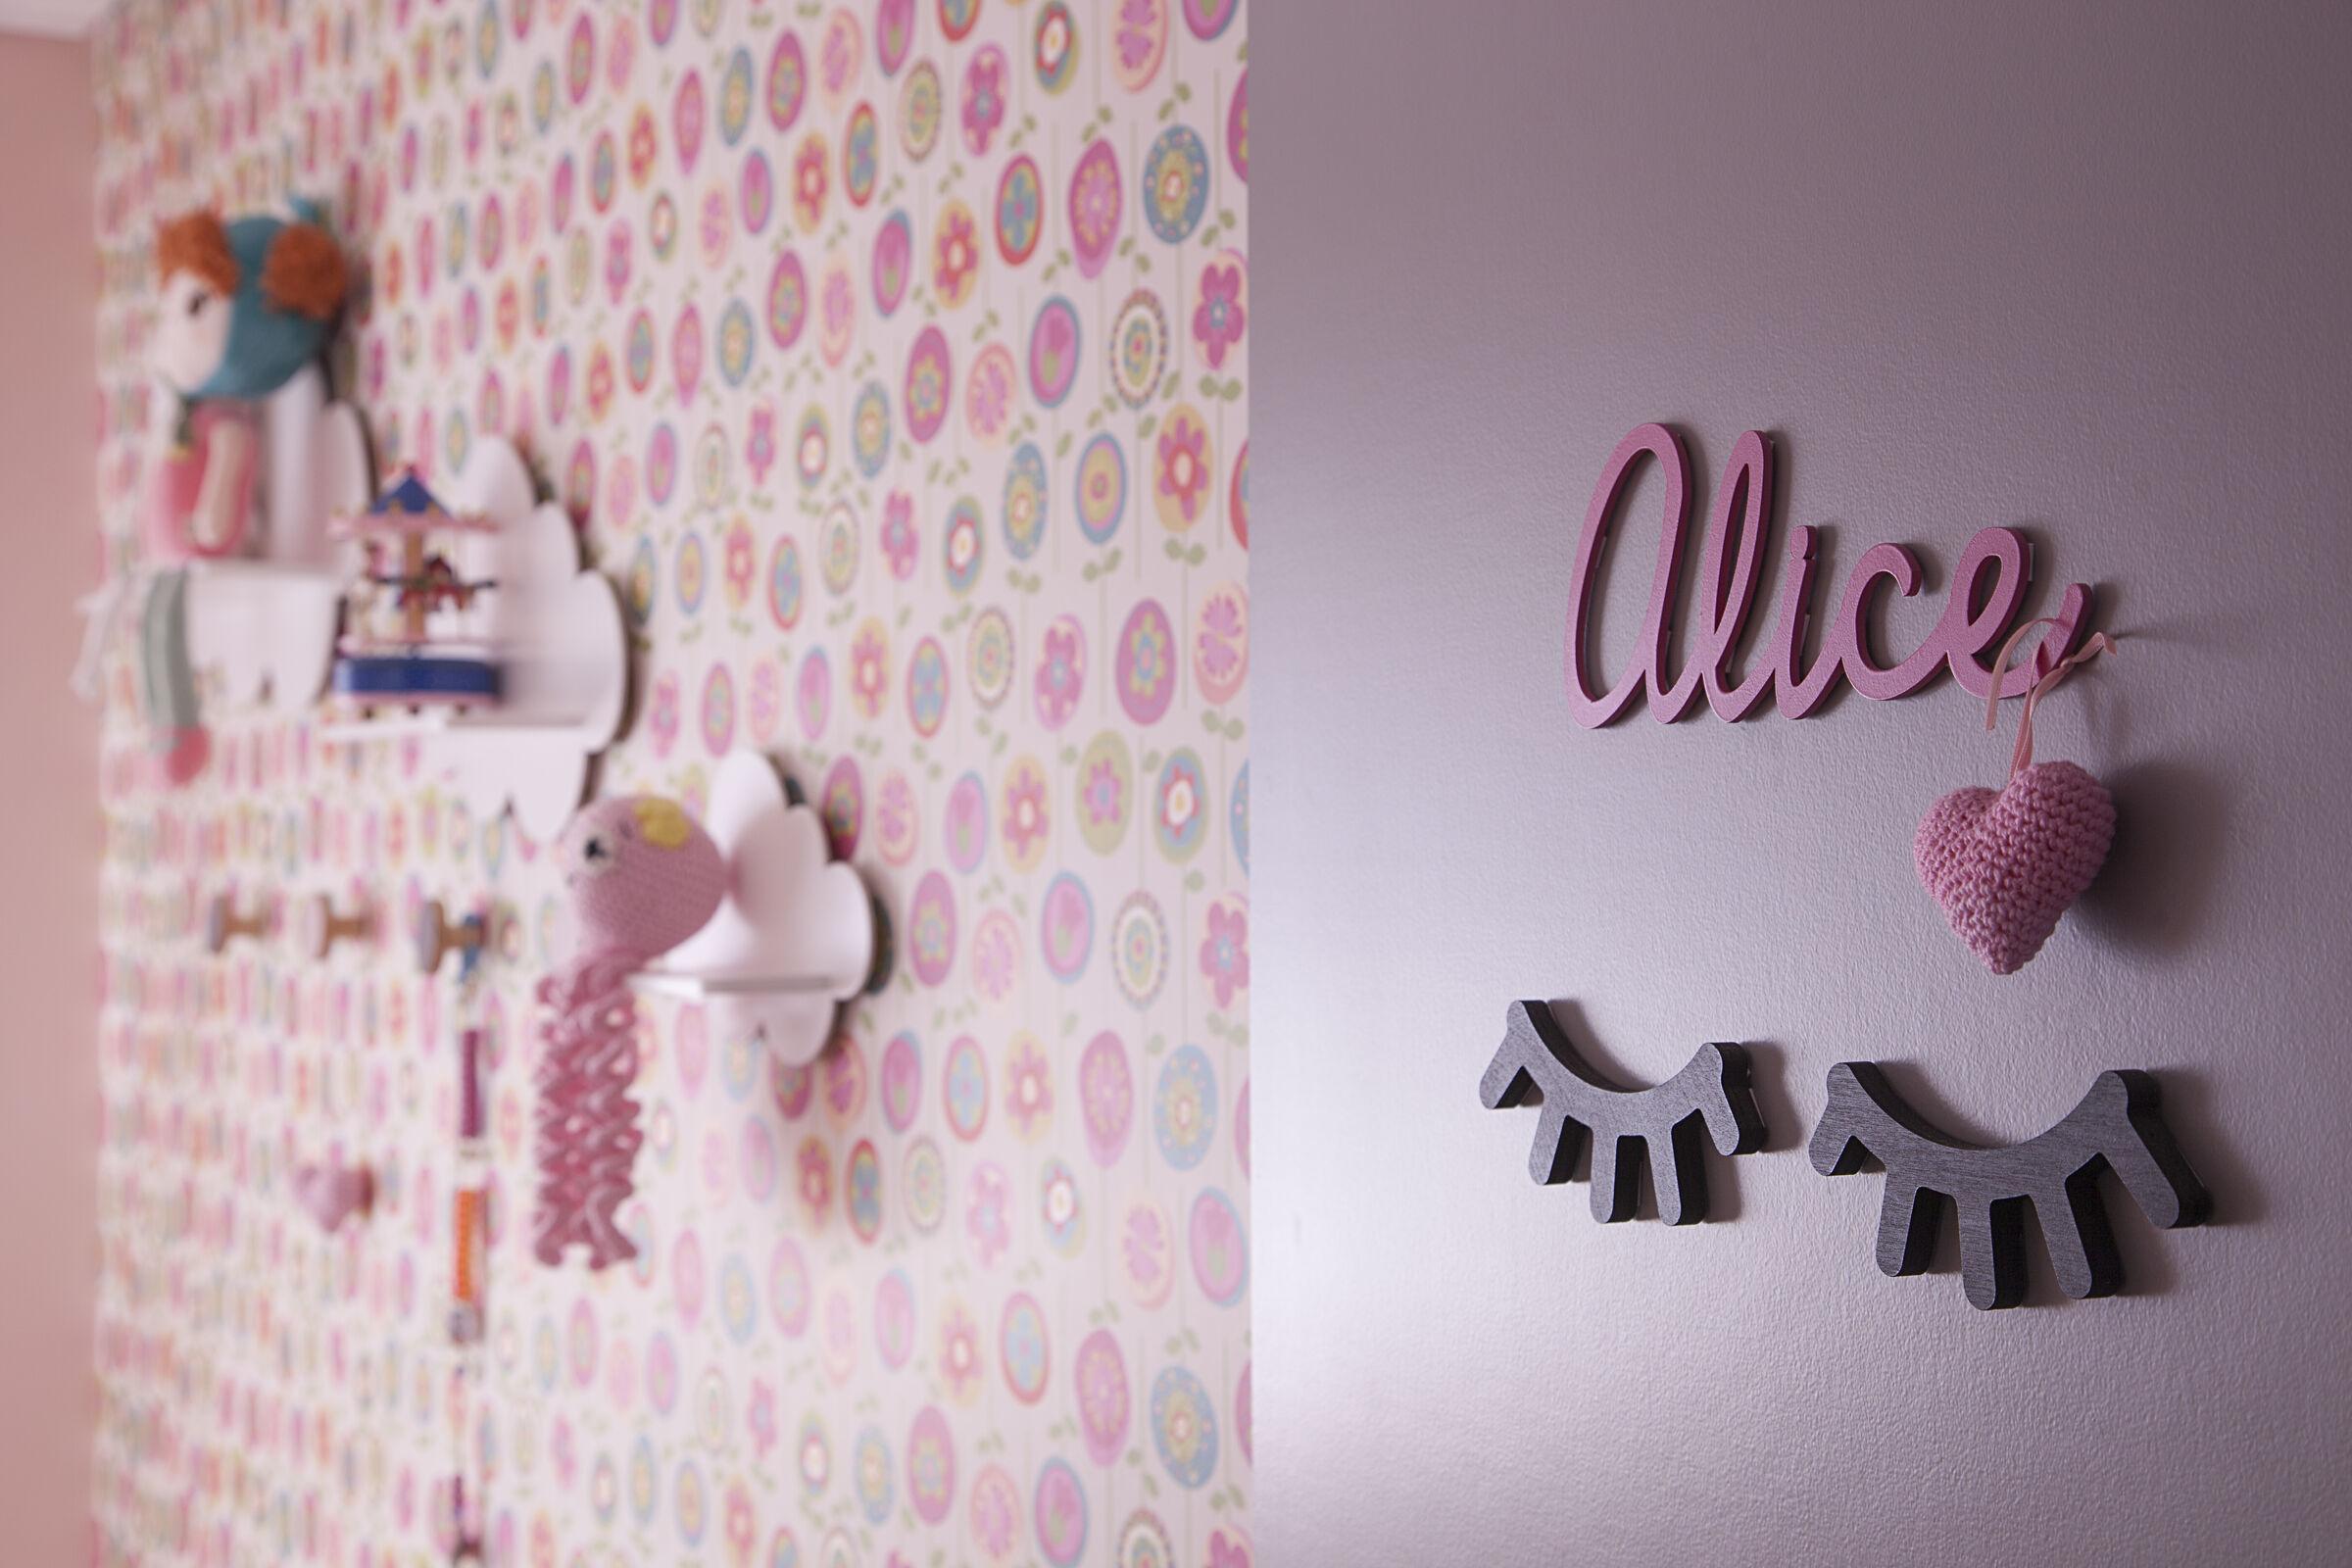 Detalhe feito em crochê na porta de quarto decorado